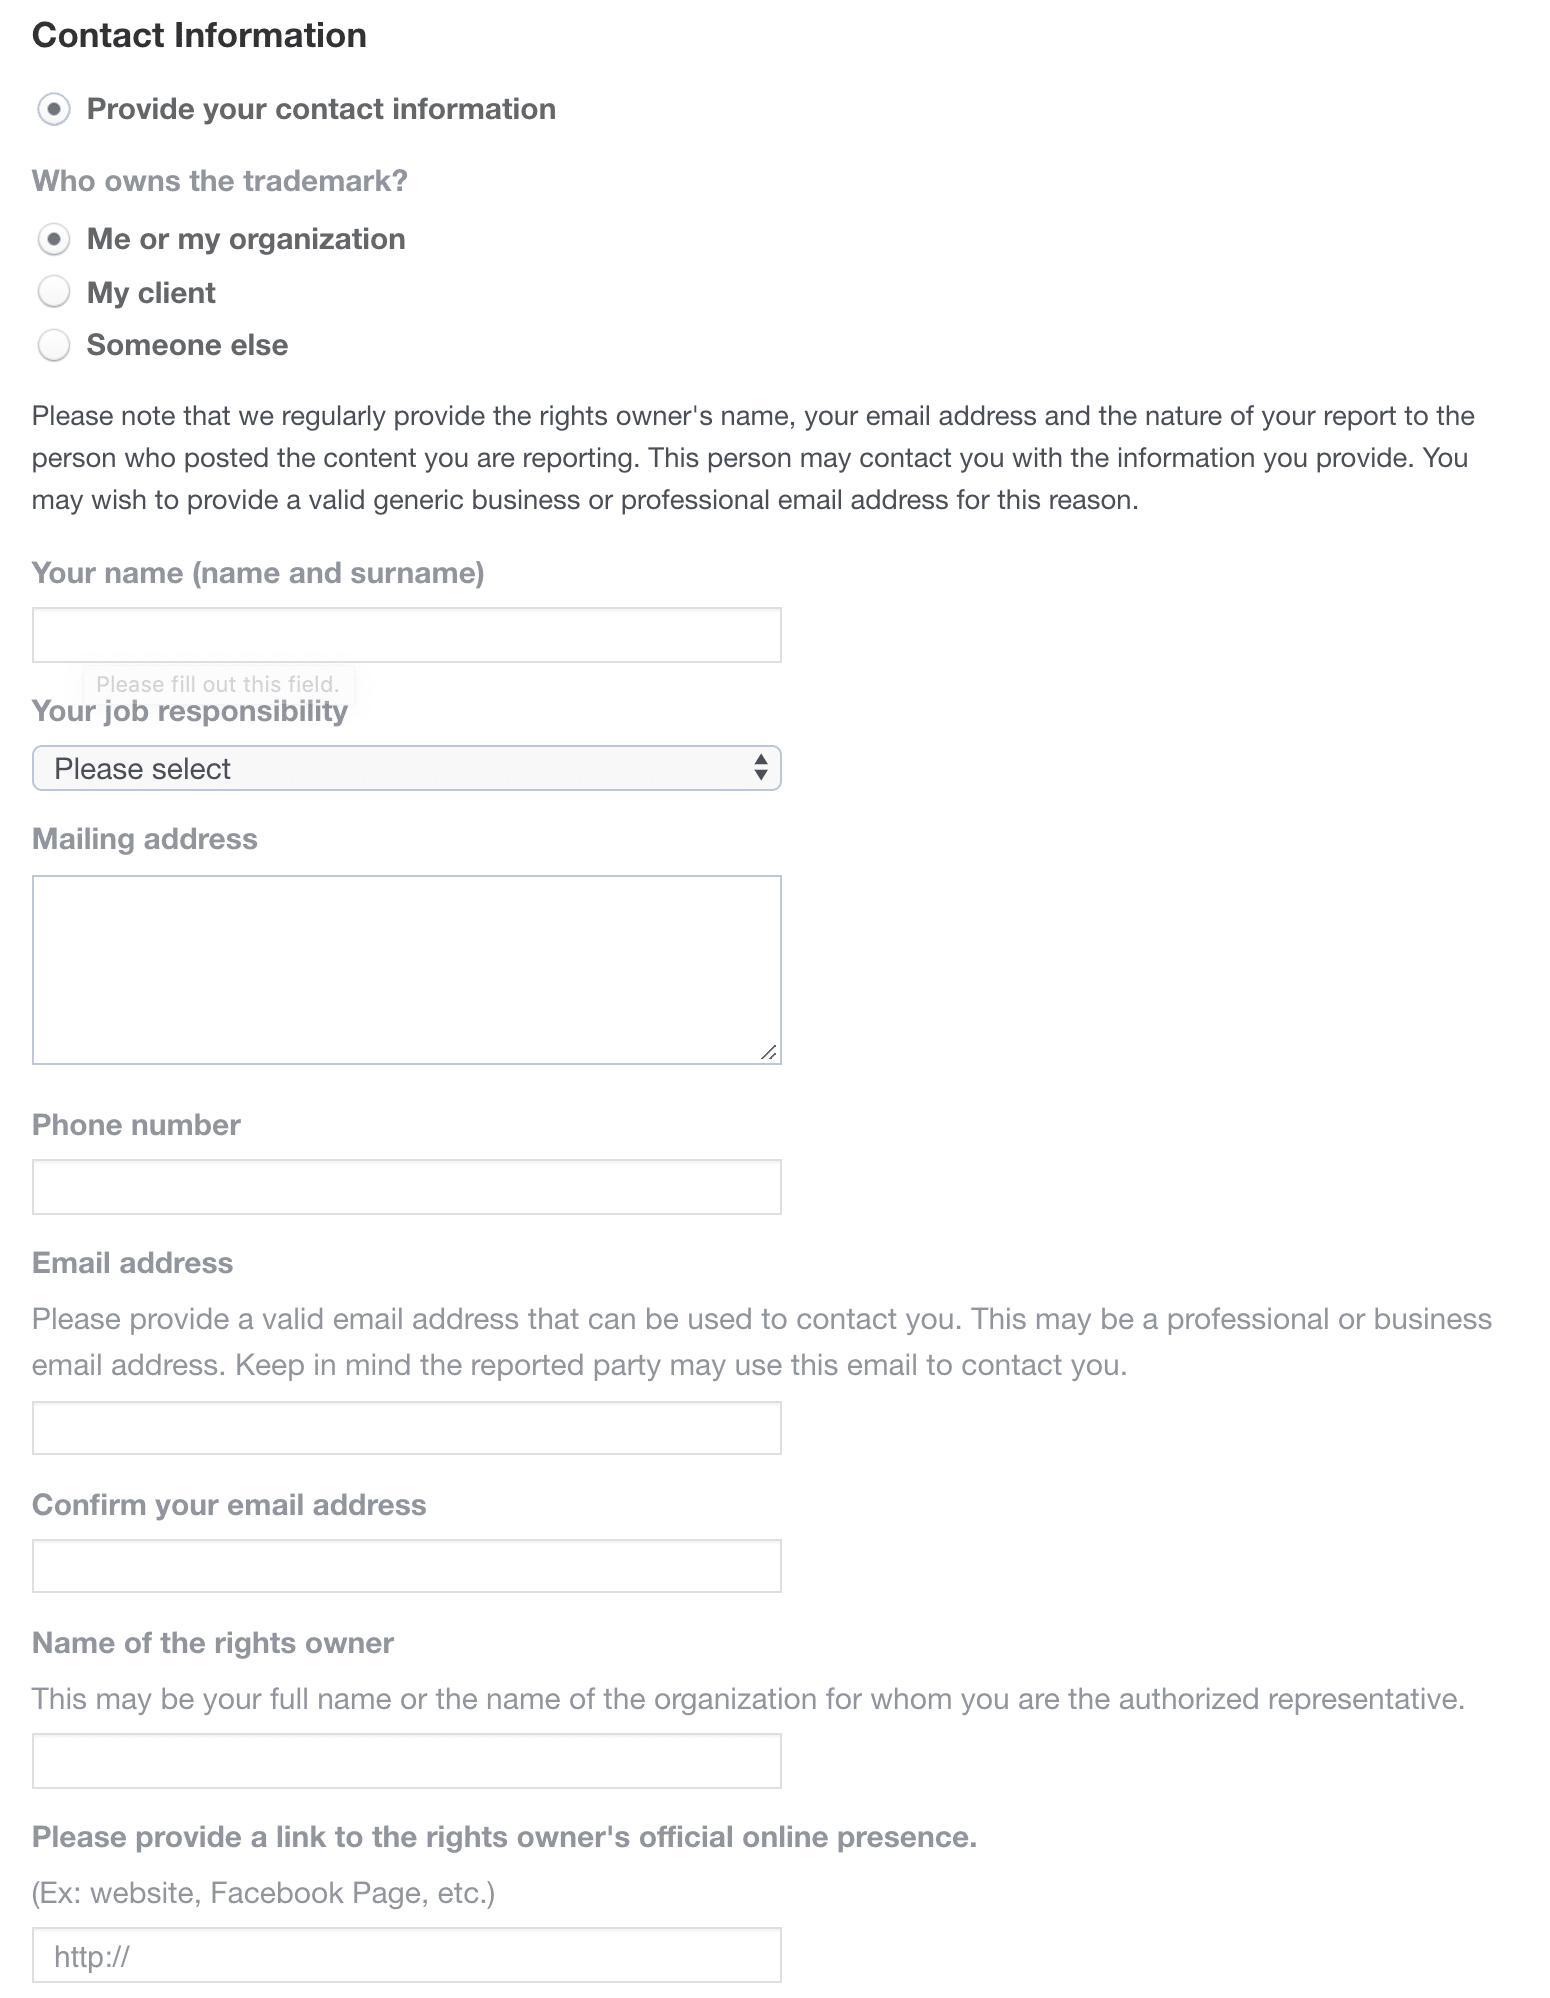 Información de contacto necesaria para un reporte de infracción de marca registrada en Facebook